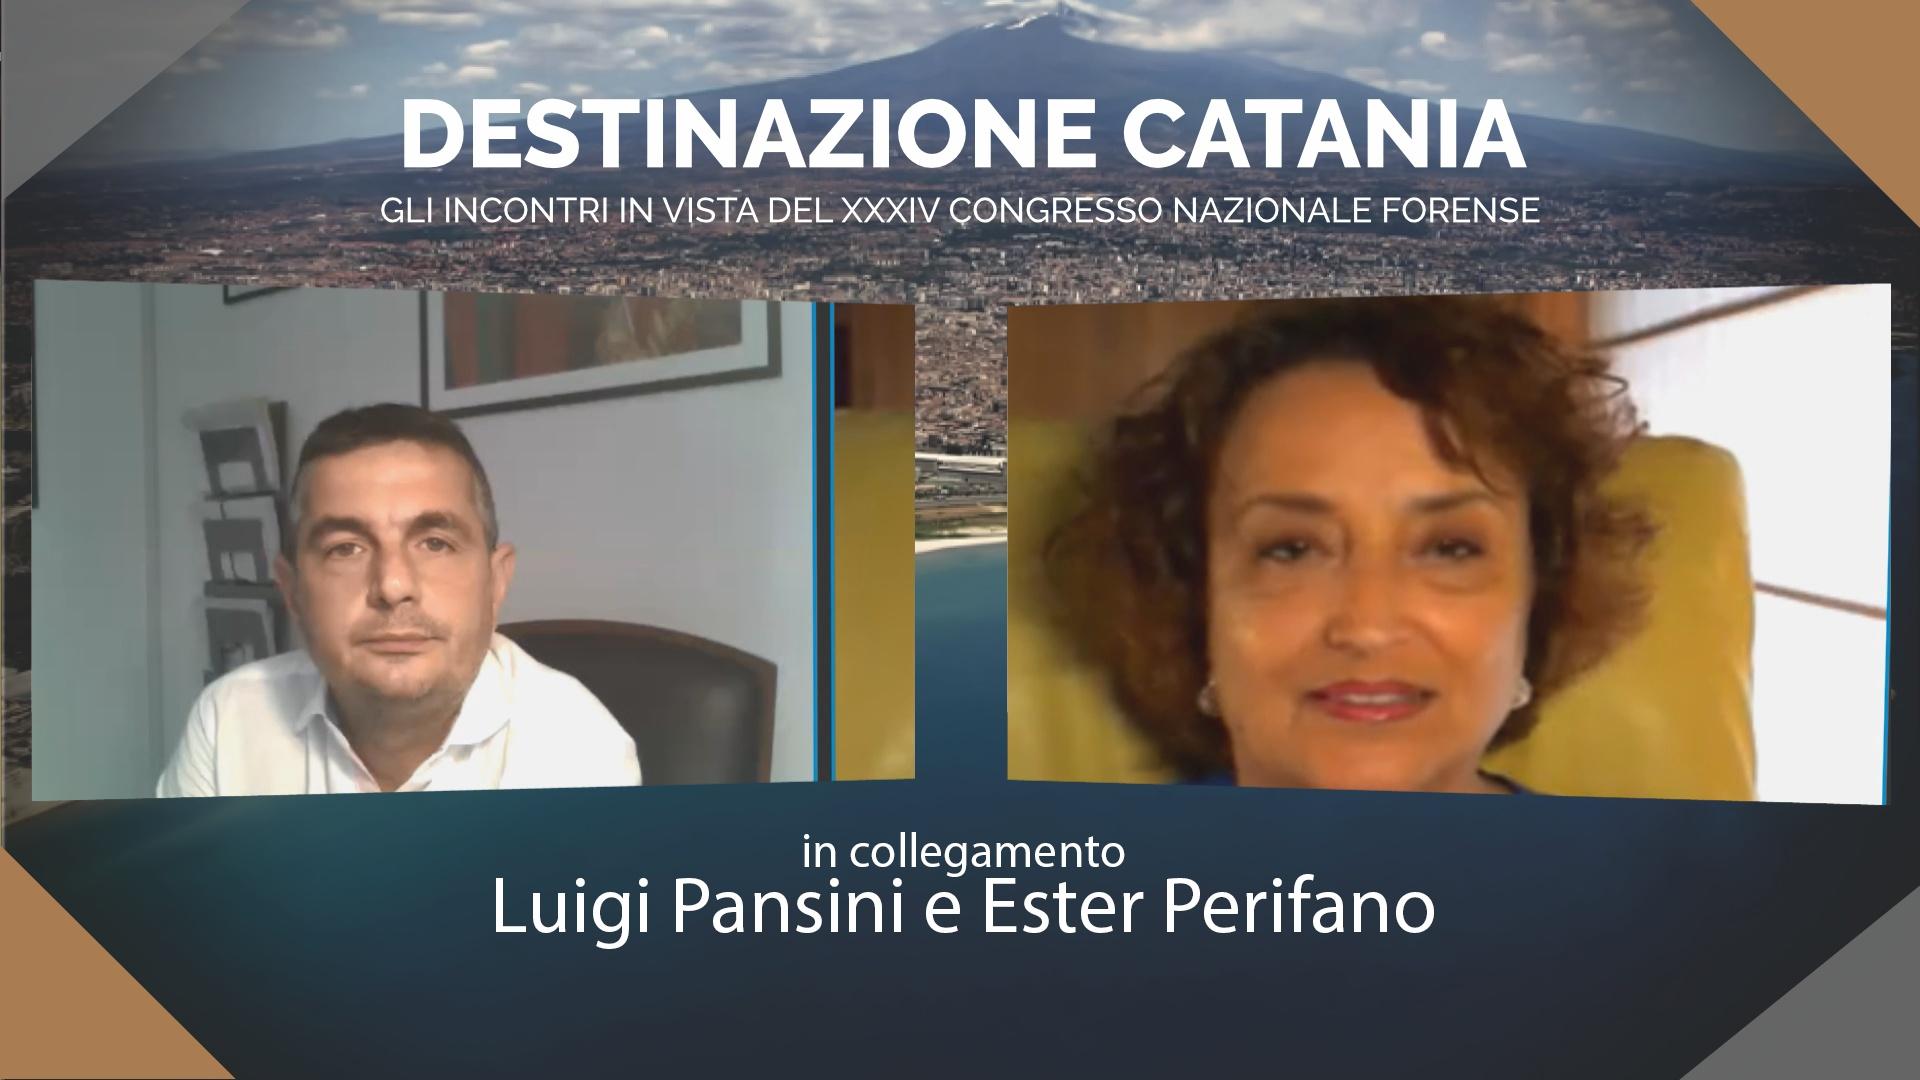 Destinazione Catania. Incontro in vista del XXXIV Congresso Nazionale Forense. Ester Perifano e Luigi Pansini